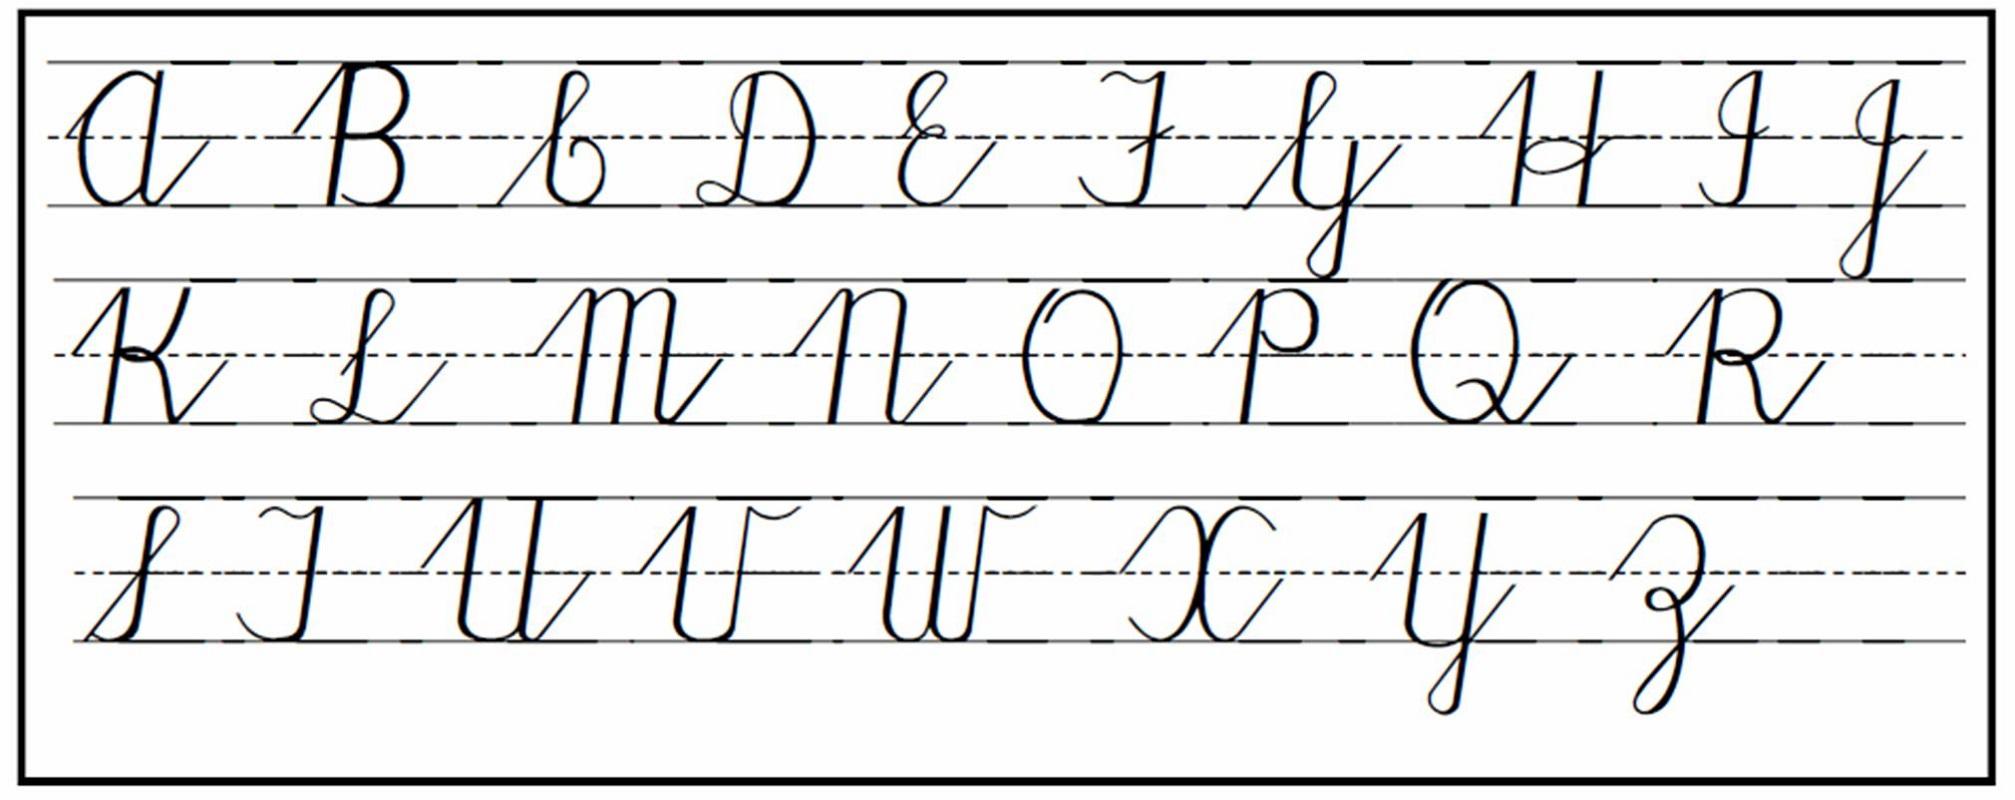 Cursive Upper Case Alphabet